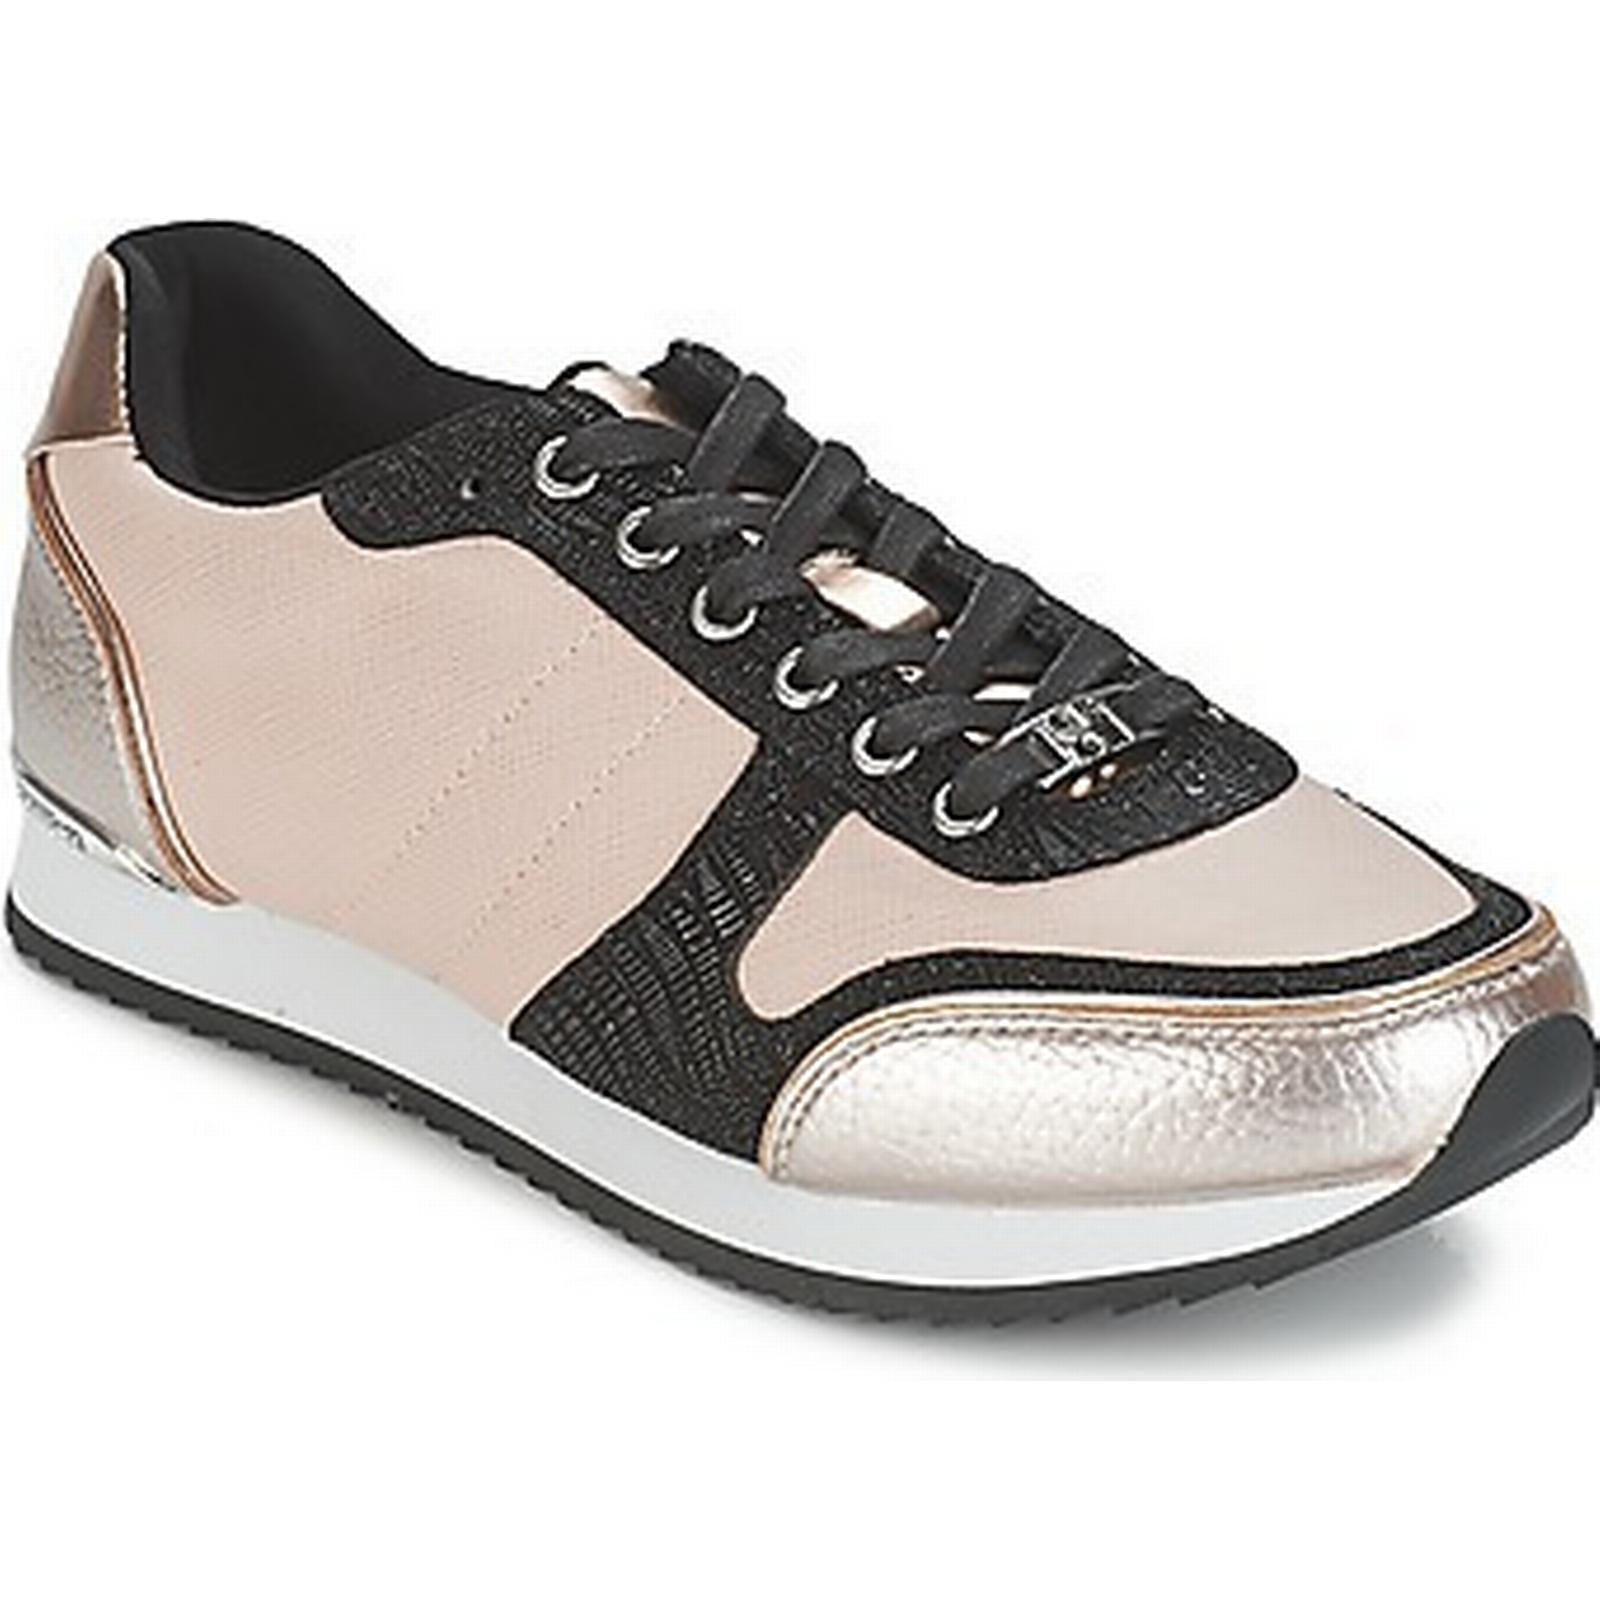 spartoo.co.uk supertrash dallas femmes & #  beige ; s Chaussure s formateurs en beige  84abc7